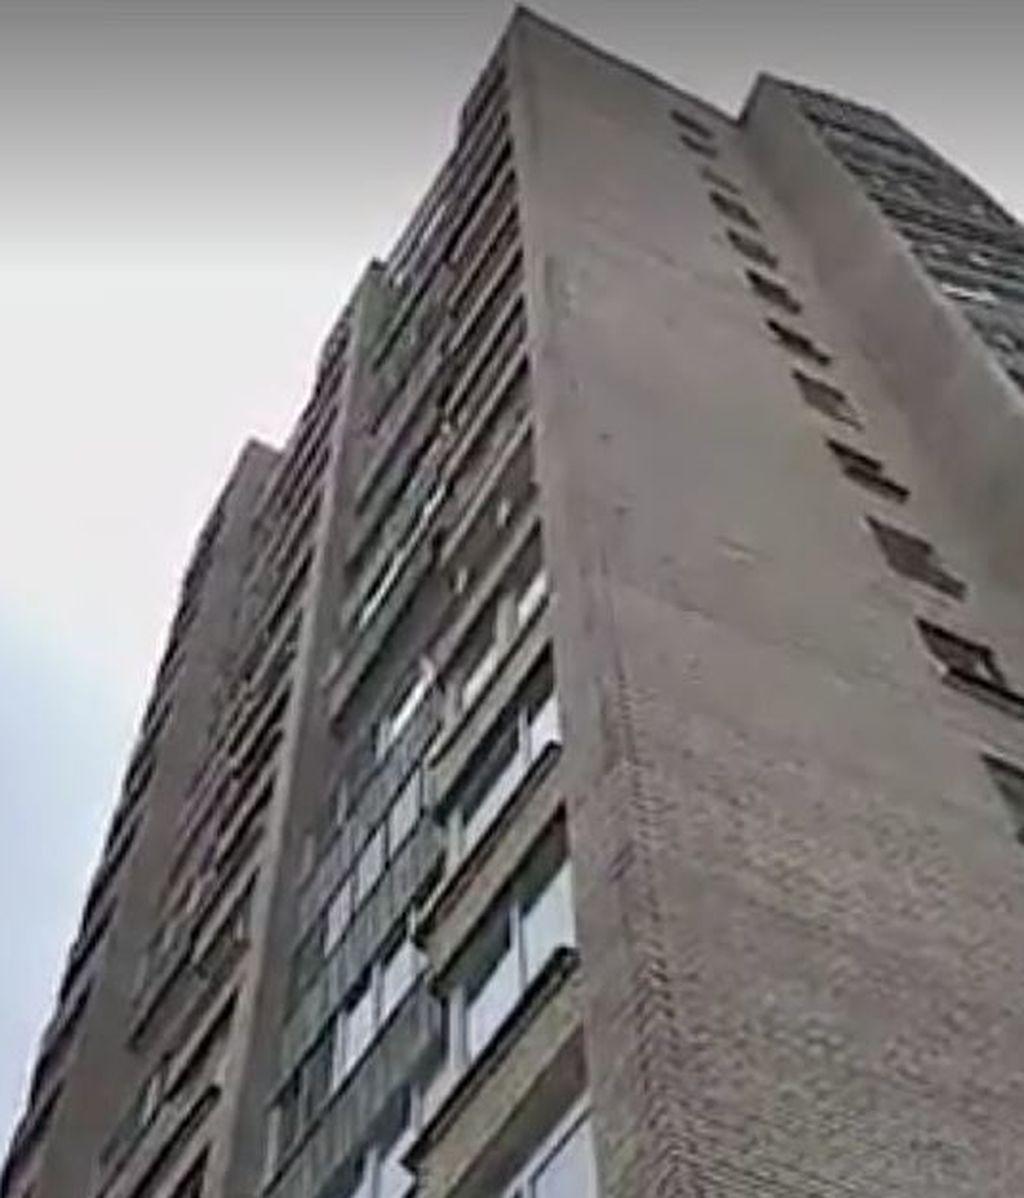 Fallece una joven al caer desde un noveno piso cuando mantenía relaciones sexuales